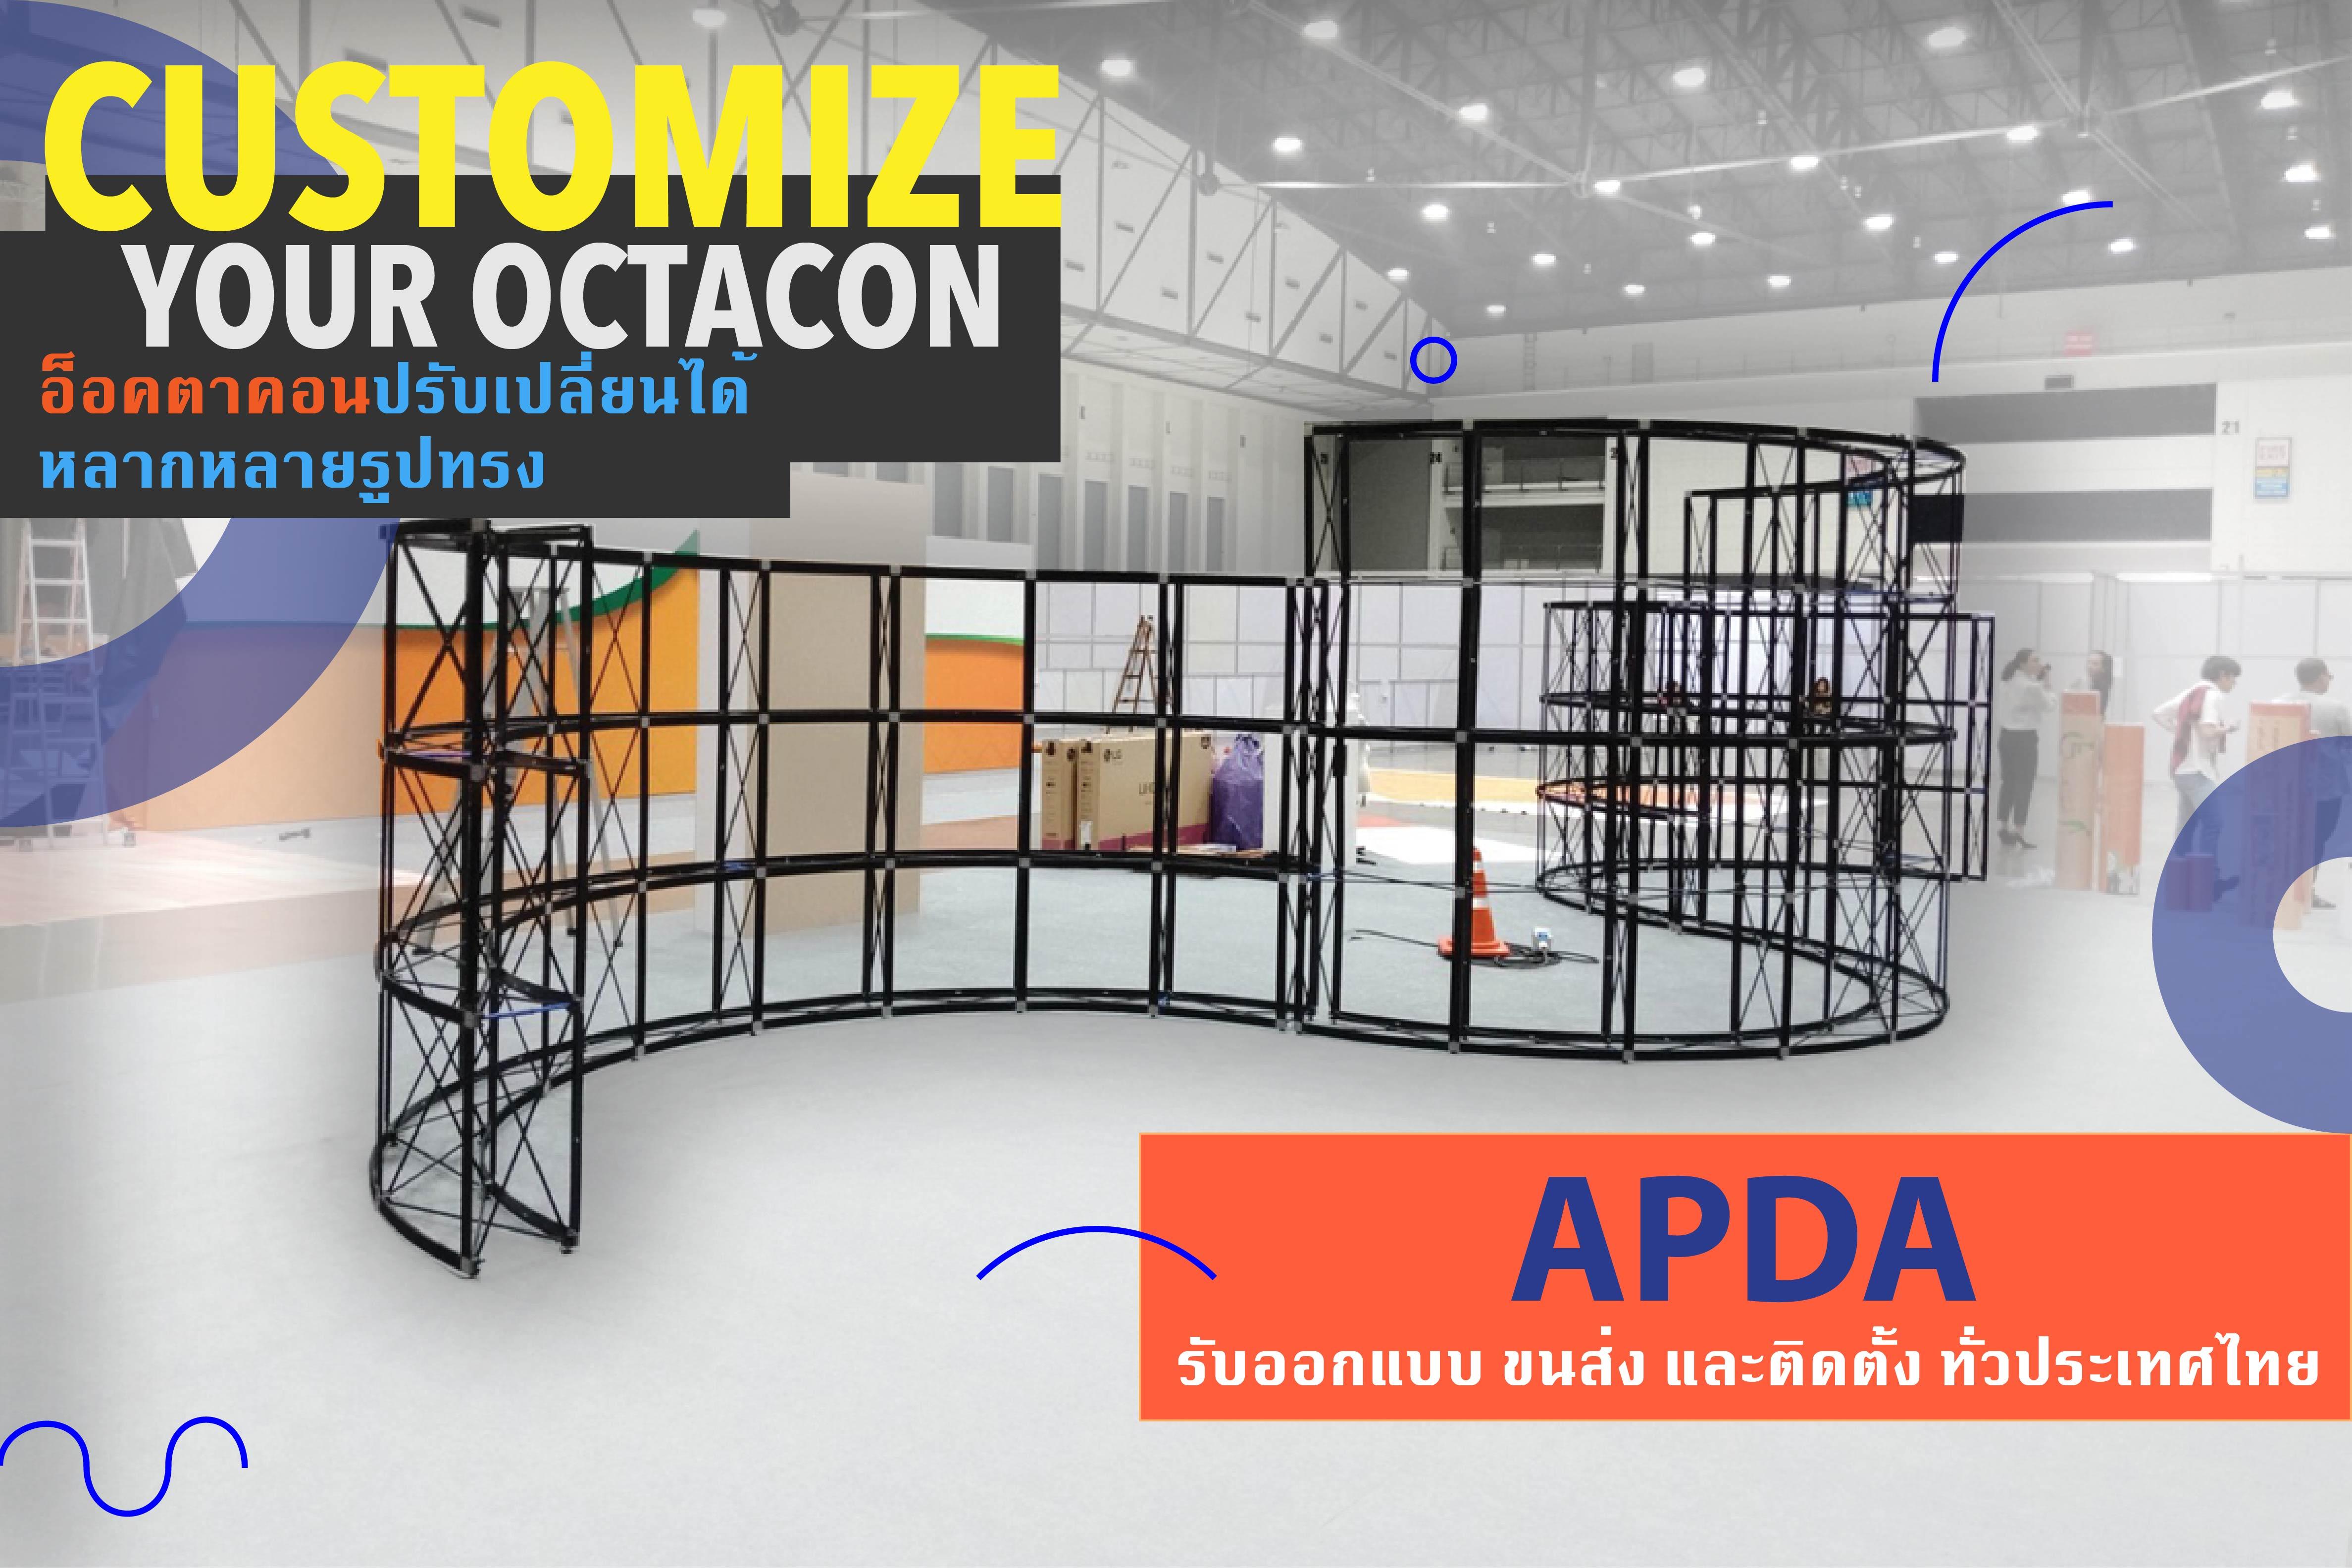 แบ็คดรอป (Backdrop) มีหลากหลายรูปแบบ Octacon ของเราไม่ได้มีแค่แบบตรงเท่านั้น แบ็คดรอปแบบโค้งของแอพด้า